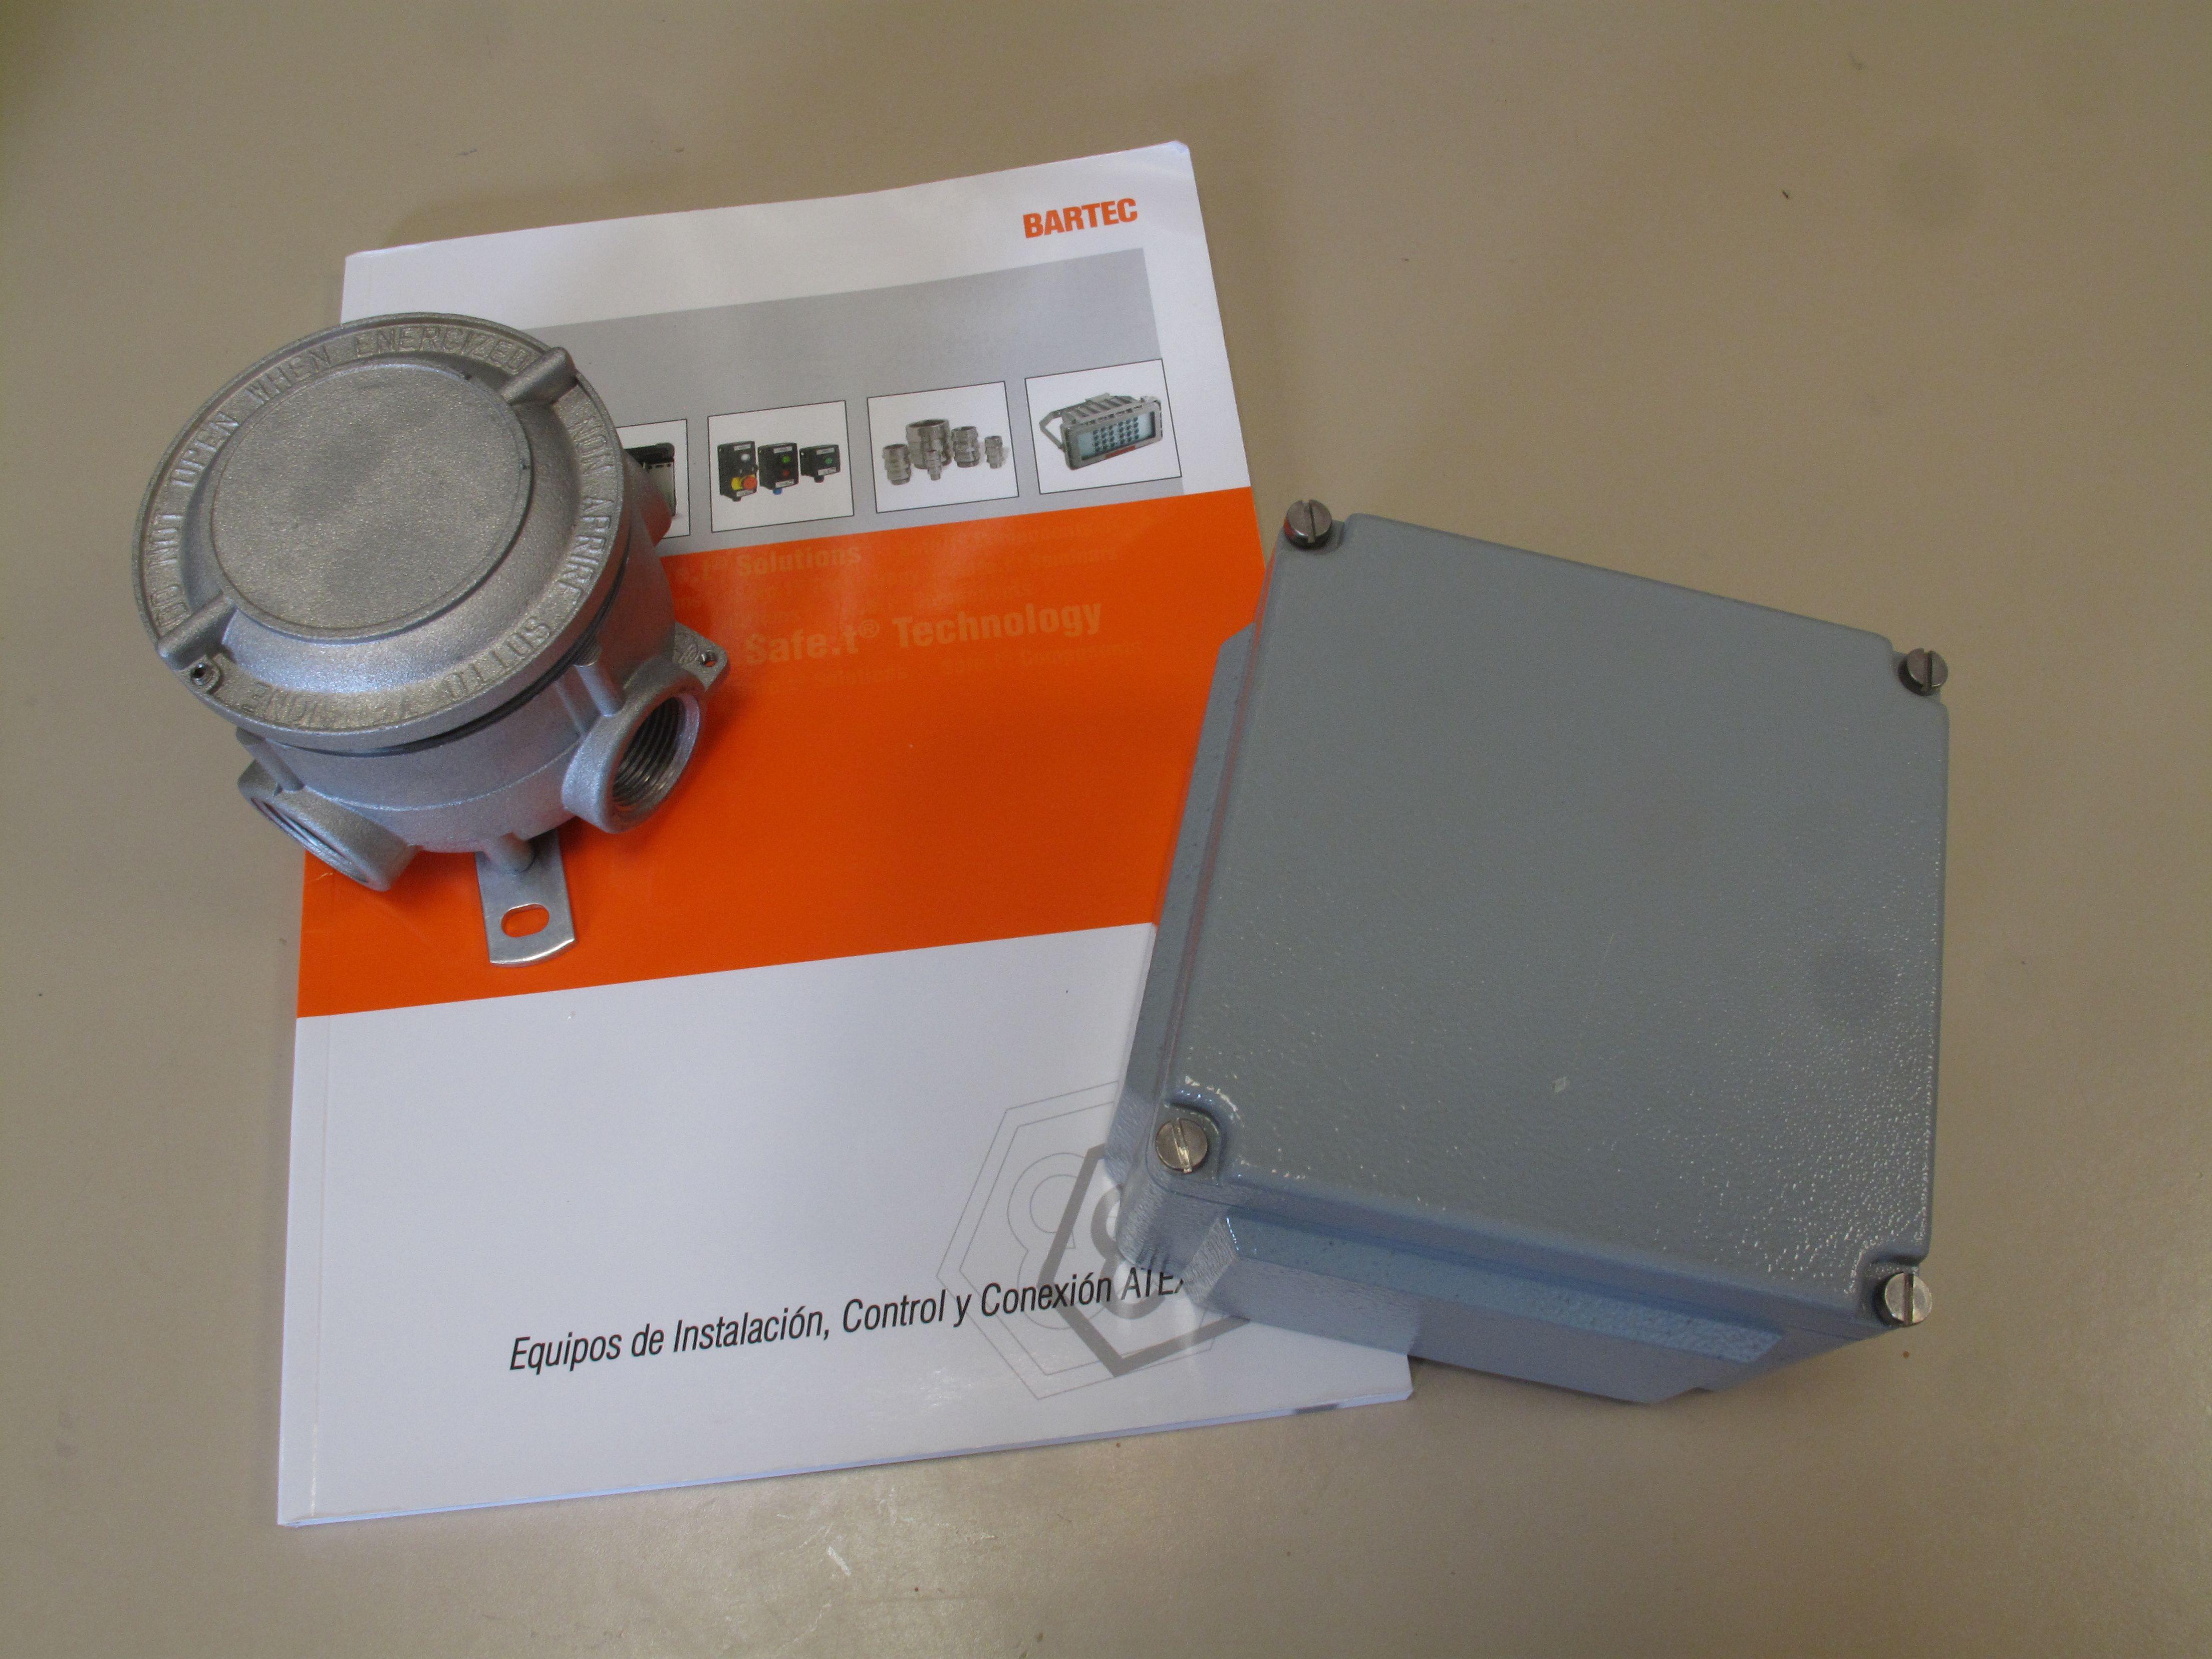 Fabricación de material eléctrico industrial